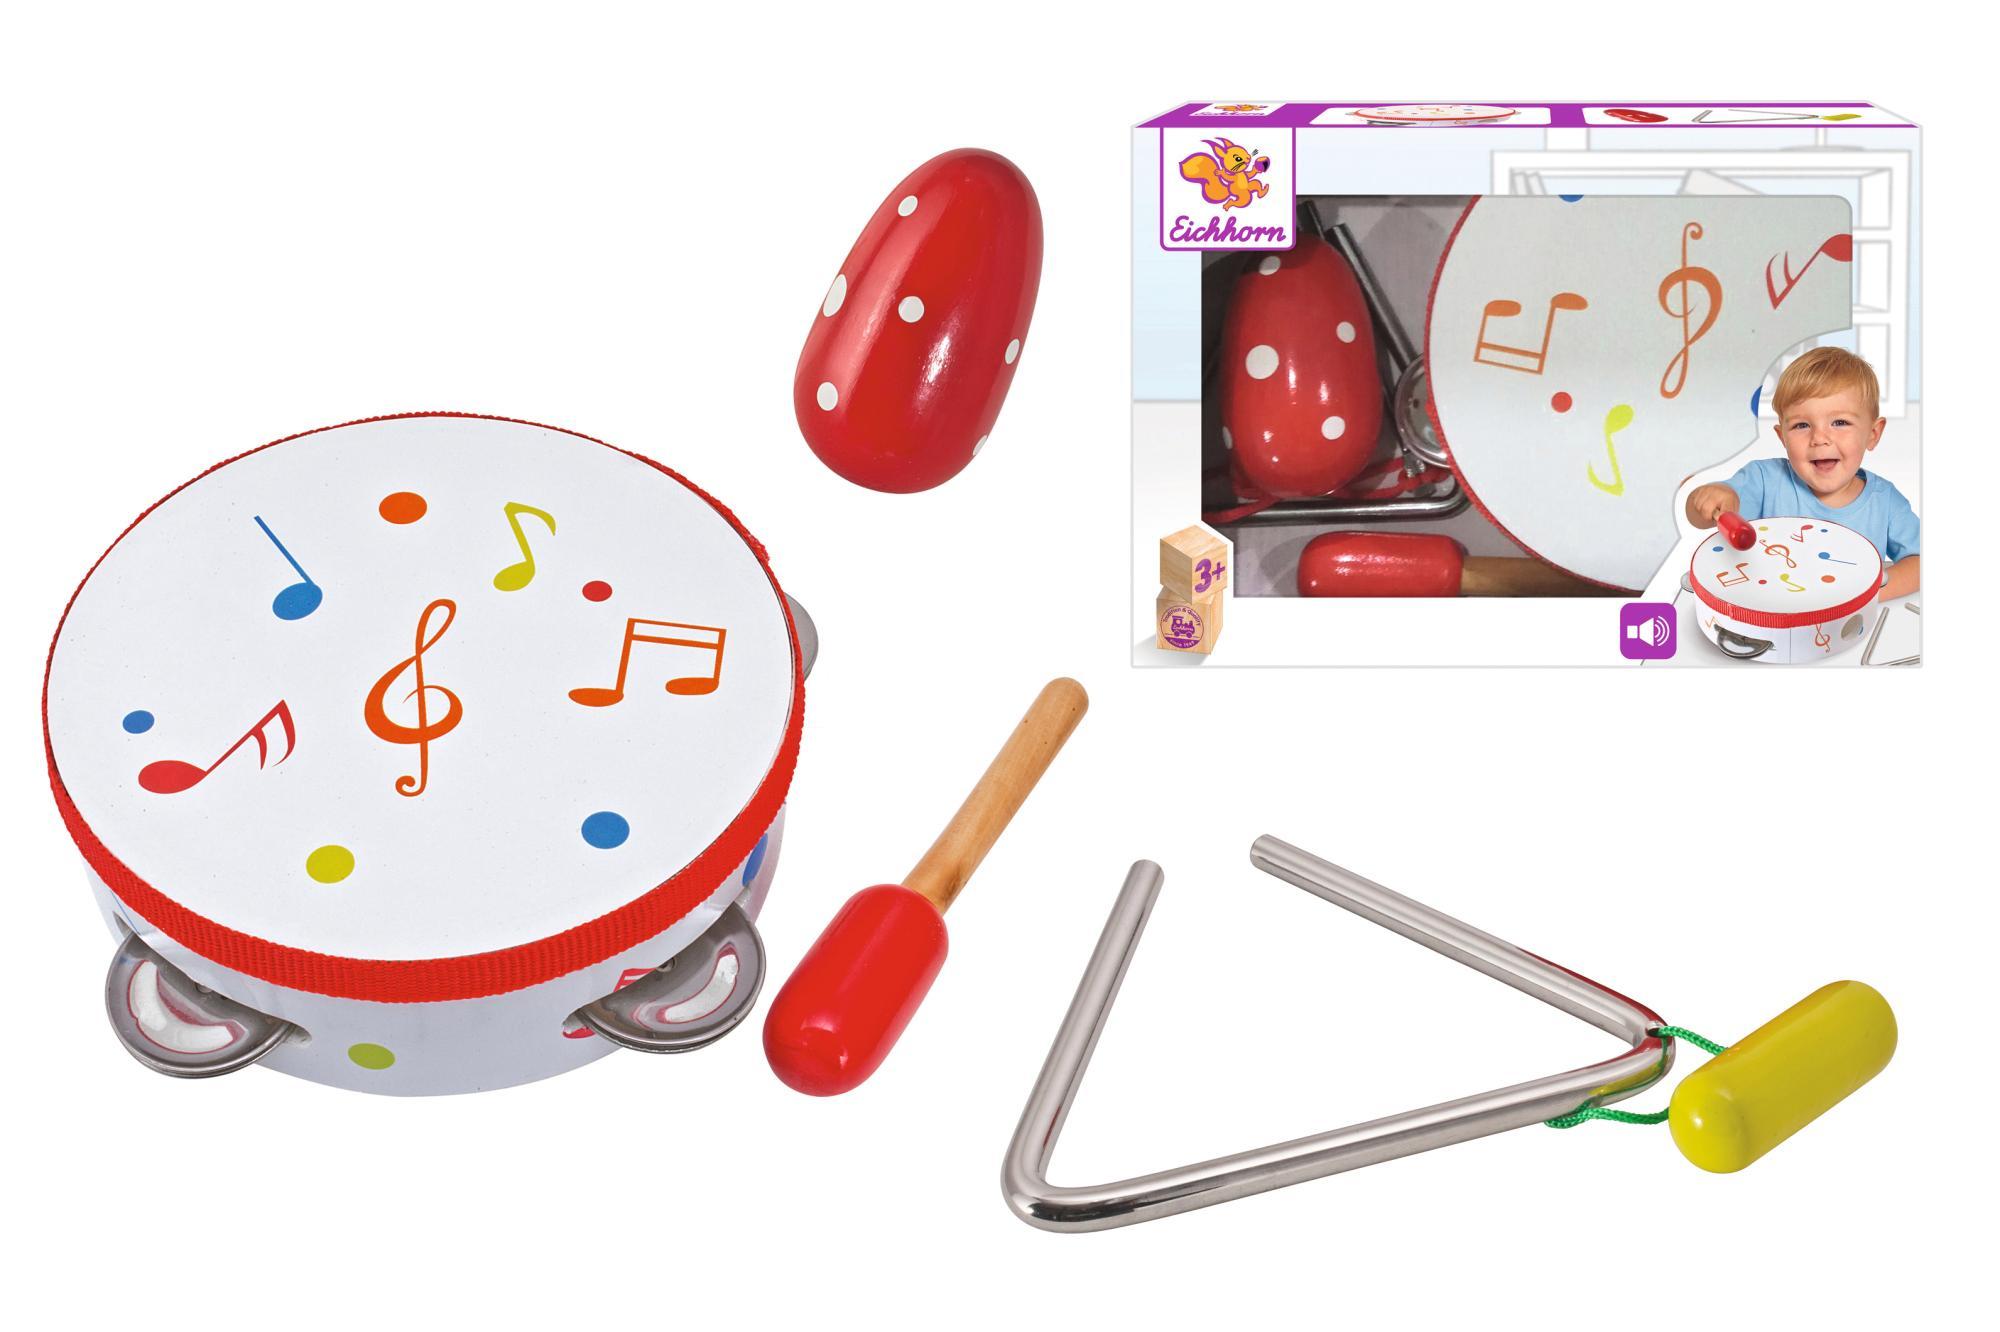 Eichhorn Spielzeug-Musikinstrument Musik Set, 5-tlg., (Set, 5-tlg.) weiß Kinder Musikspielzeug Musikinstrumente Spielzeug-Musikinstrumente